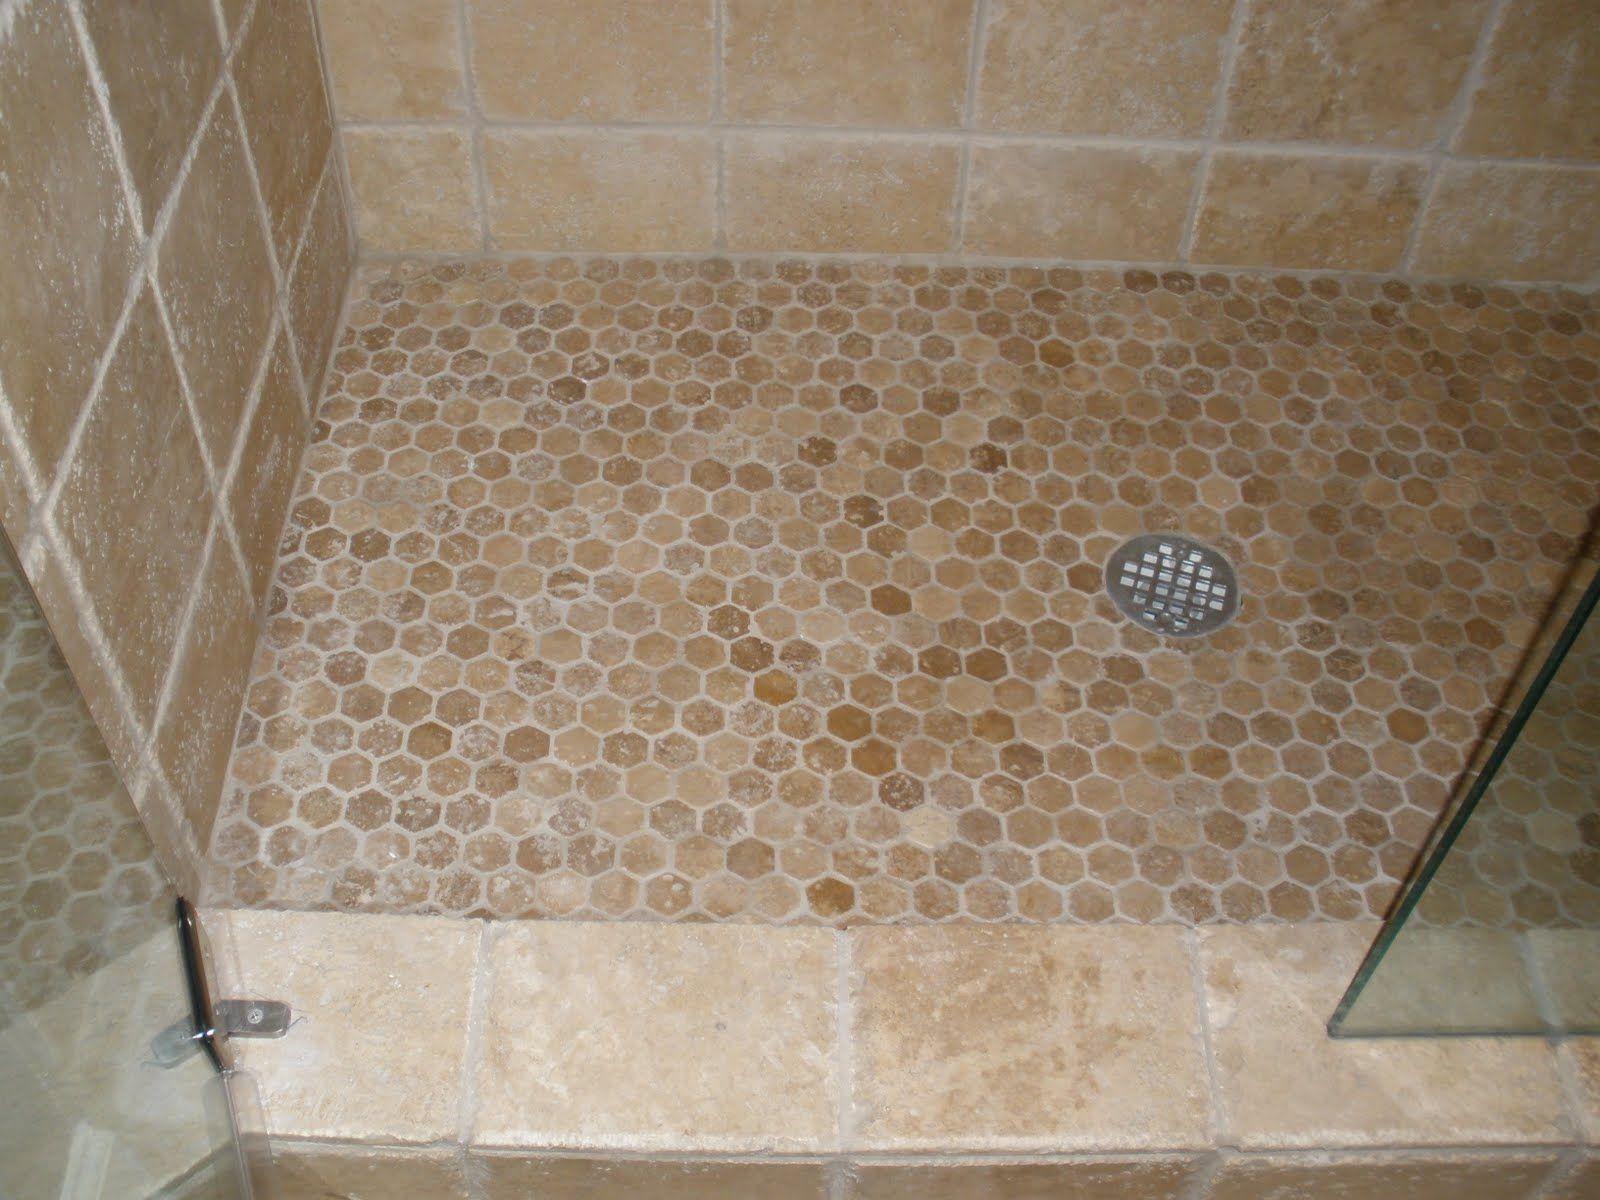 Floor Shower Floor Tile With Design In Bathroom And Best Tile